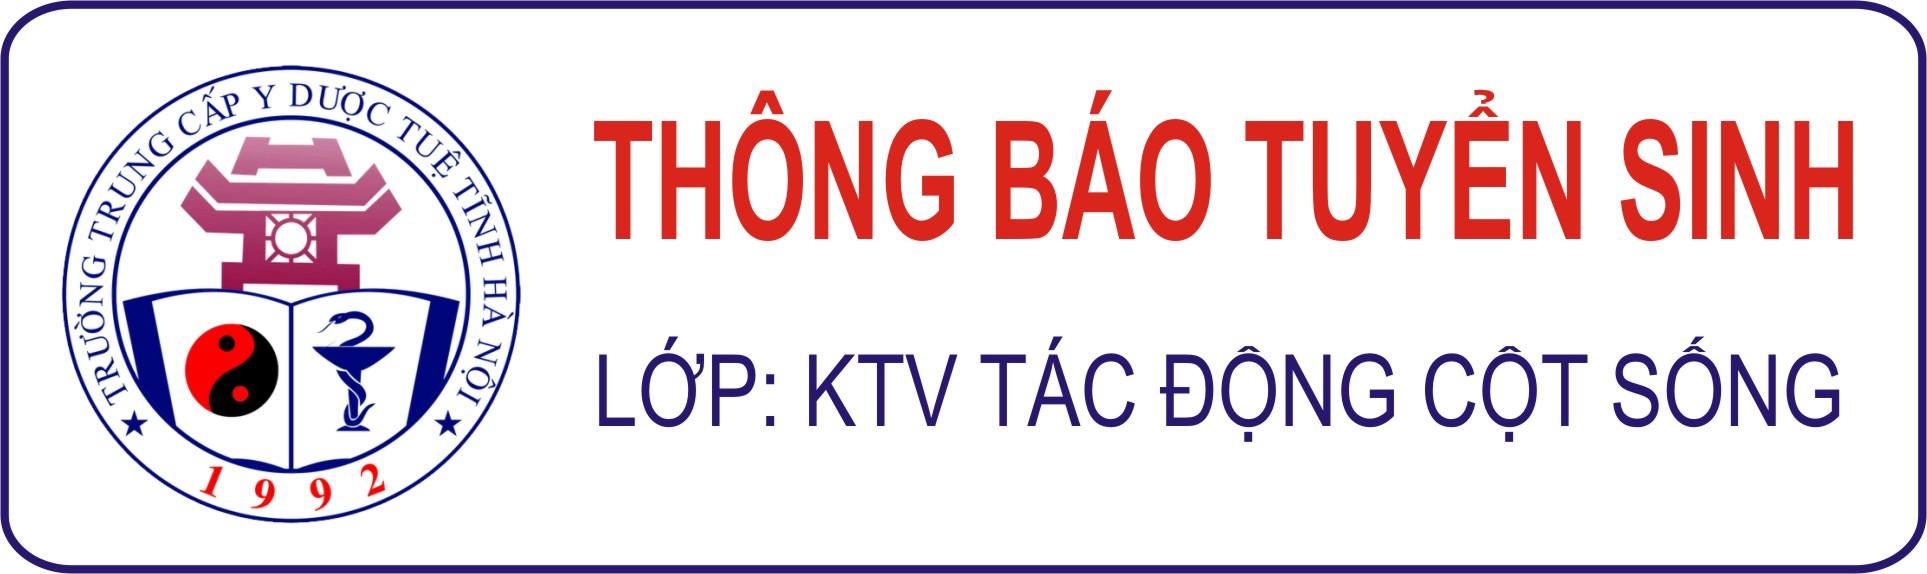 Trường Trung cấp Y Dược Tuệ Tĩnh Hà Nội tuyển sinh lớp KTV Tác Động Cột Sống Khóa III/2021 tại Thành phố Vũng Tàu